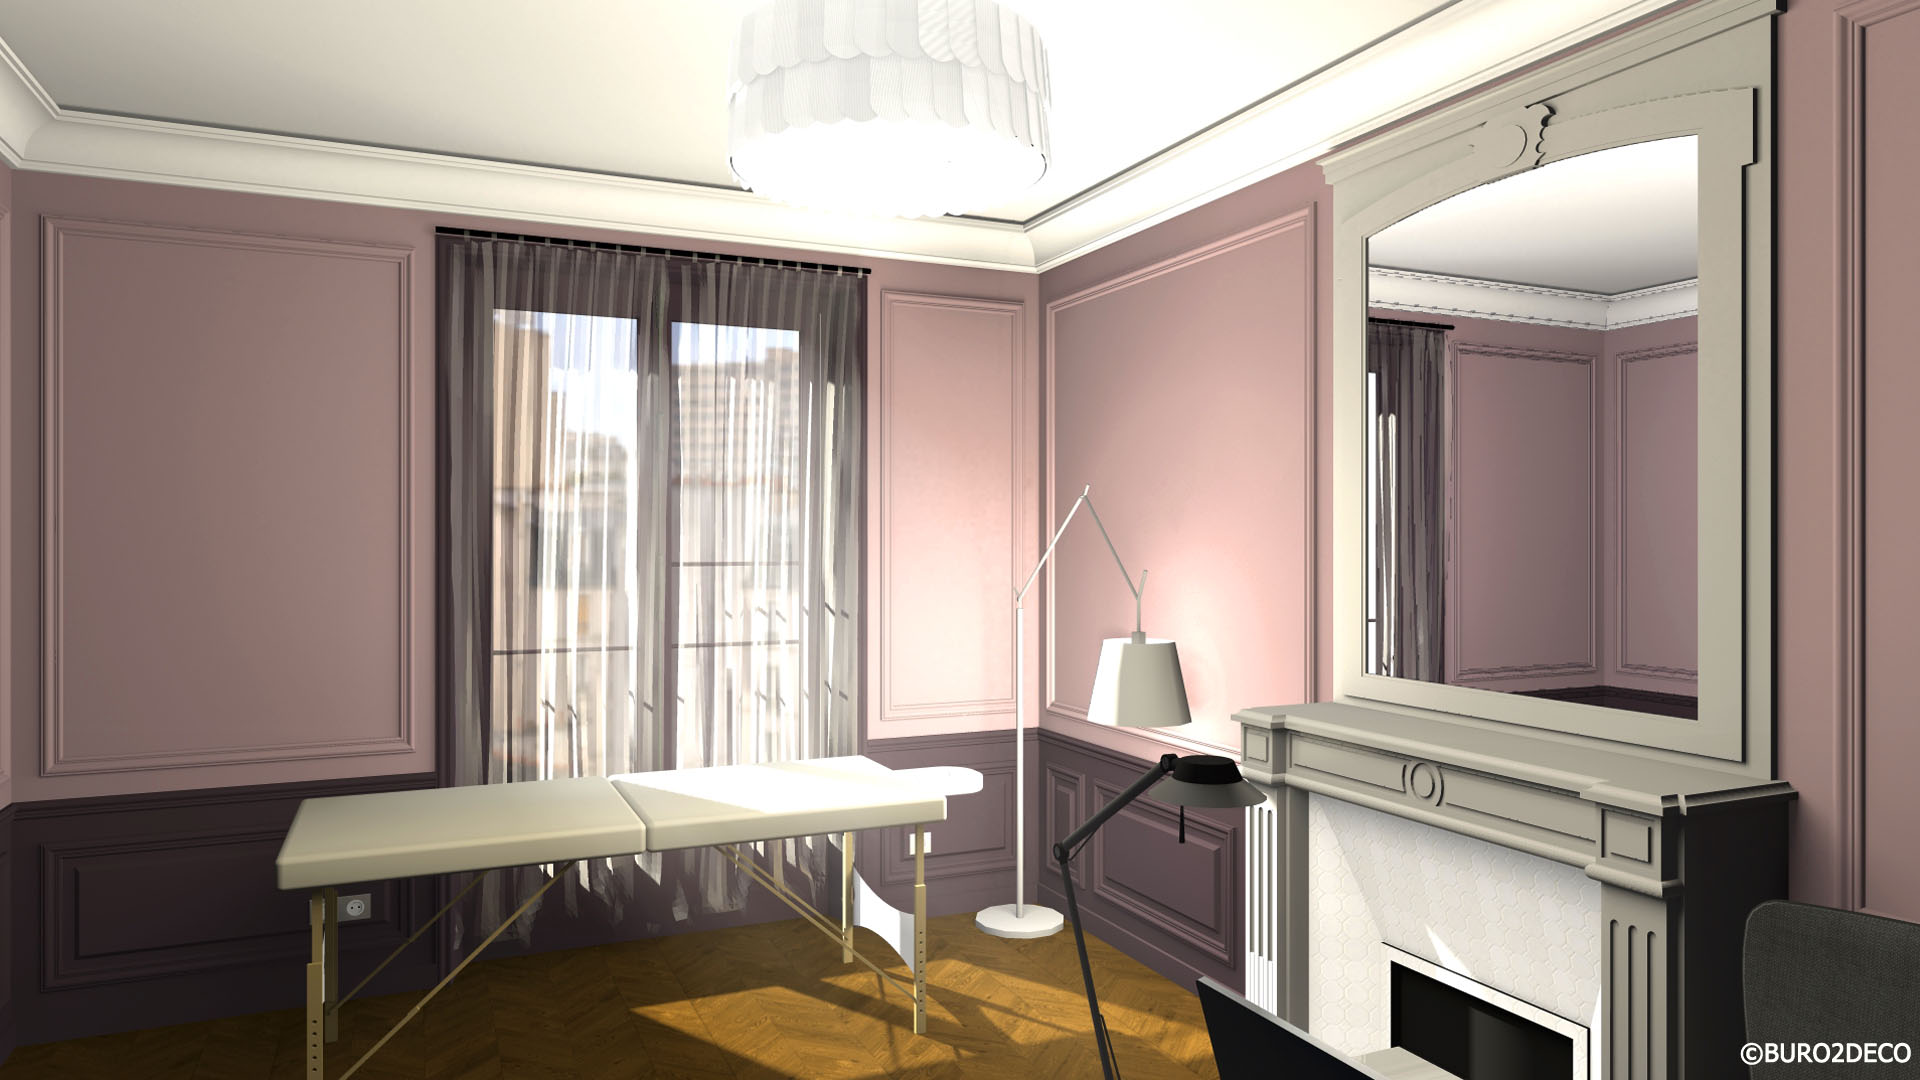 Cabinet Ostéopathie 1 Avant projet 3D Restructuration aménagement et décoration d'un appartement mixte à Paris 14ème -Buro2Déco